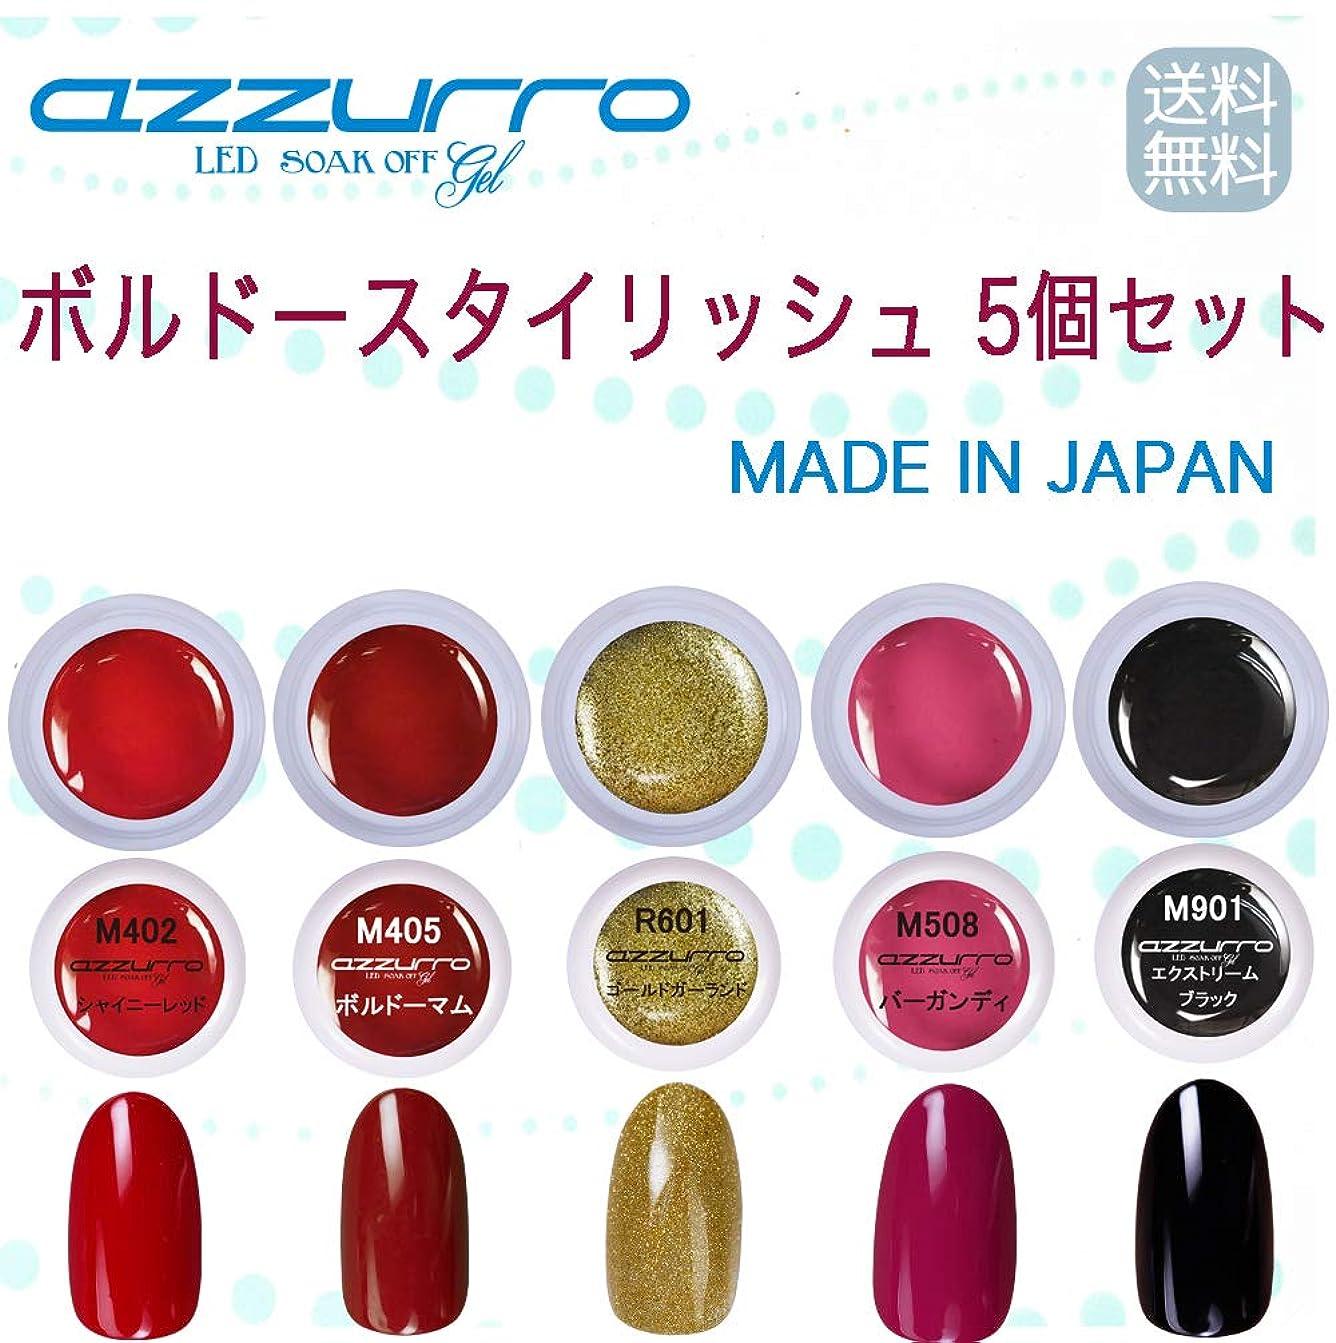 発動機早くスケッチ【送料無料】日本製 azzurro gel ボルドースタイリッシュカラージェル5個セット ネイルアートのマストカラーボルドーとブラックをセット